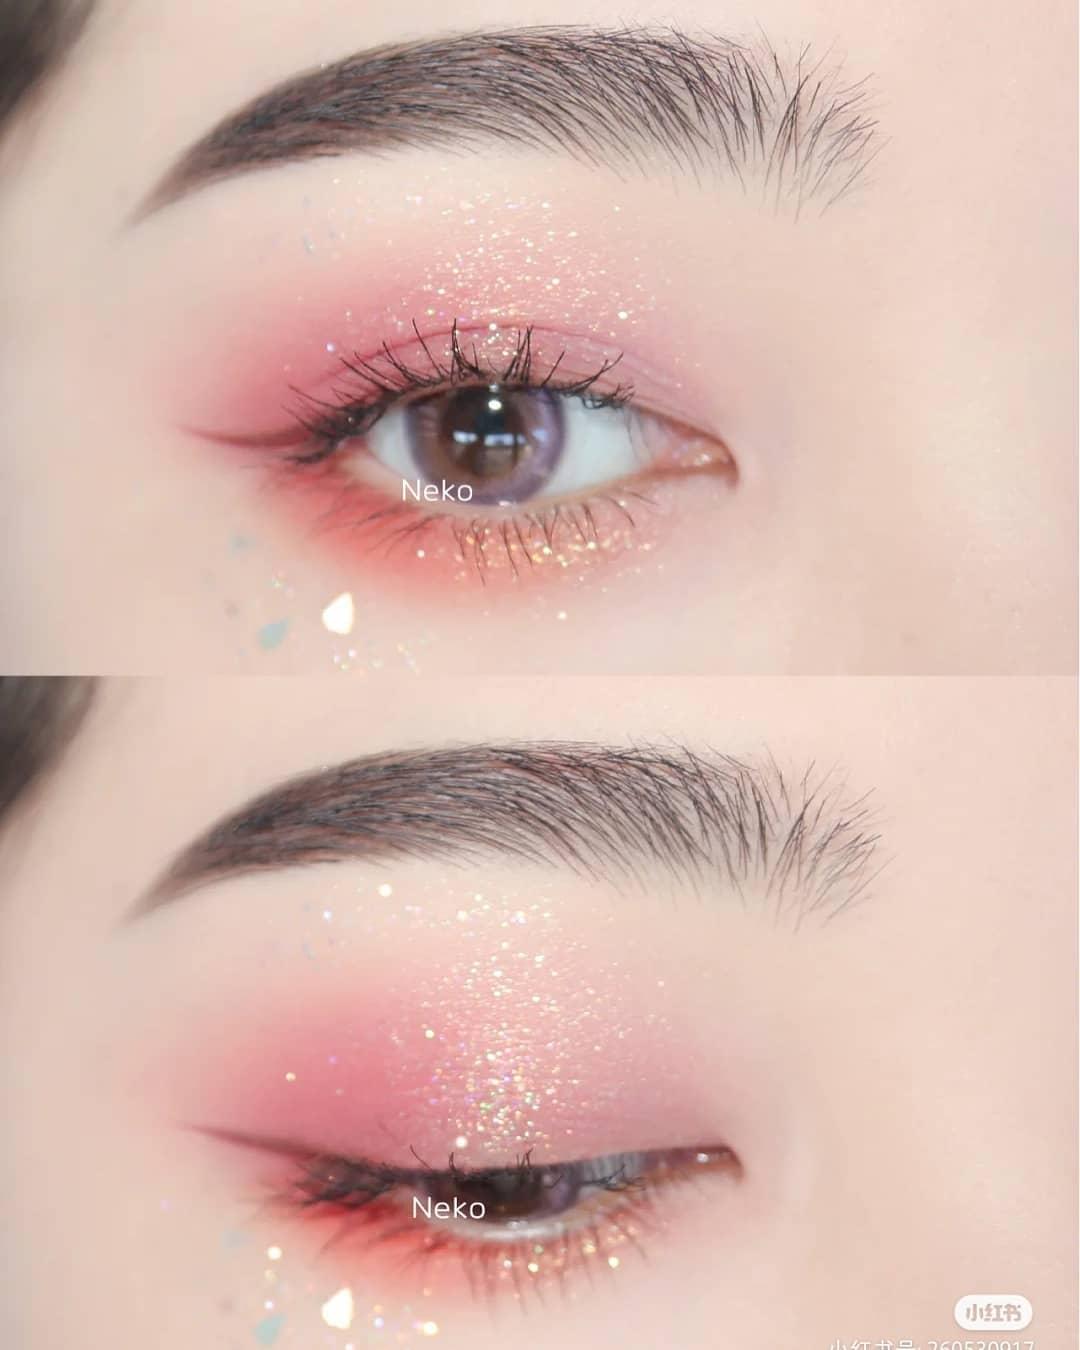 Sử dụng phấn mắt nhũ sáng, đính kim tuyến lấp lánh là tiêu chí quan trọng nhất để làm nên diện mạo thần tiên như các hot girl Trung Quốc trên TikTok. Không phải tự dưng mà những bảng màu mắt nhũ nội địa Trung Quốc trở thành mặt hàng làm đẹp được các cô gái săn lùng nhất hiện nay.